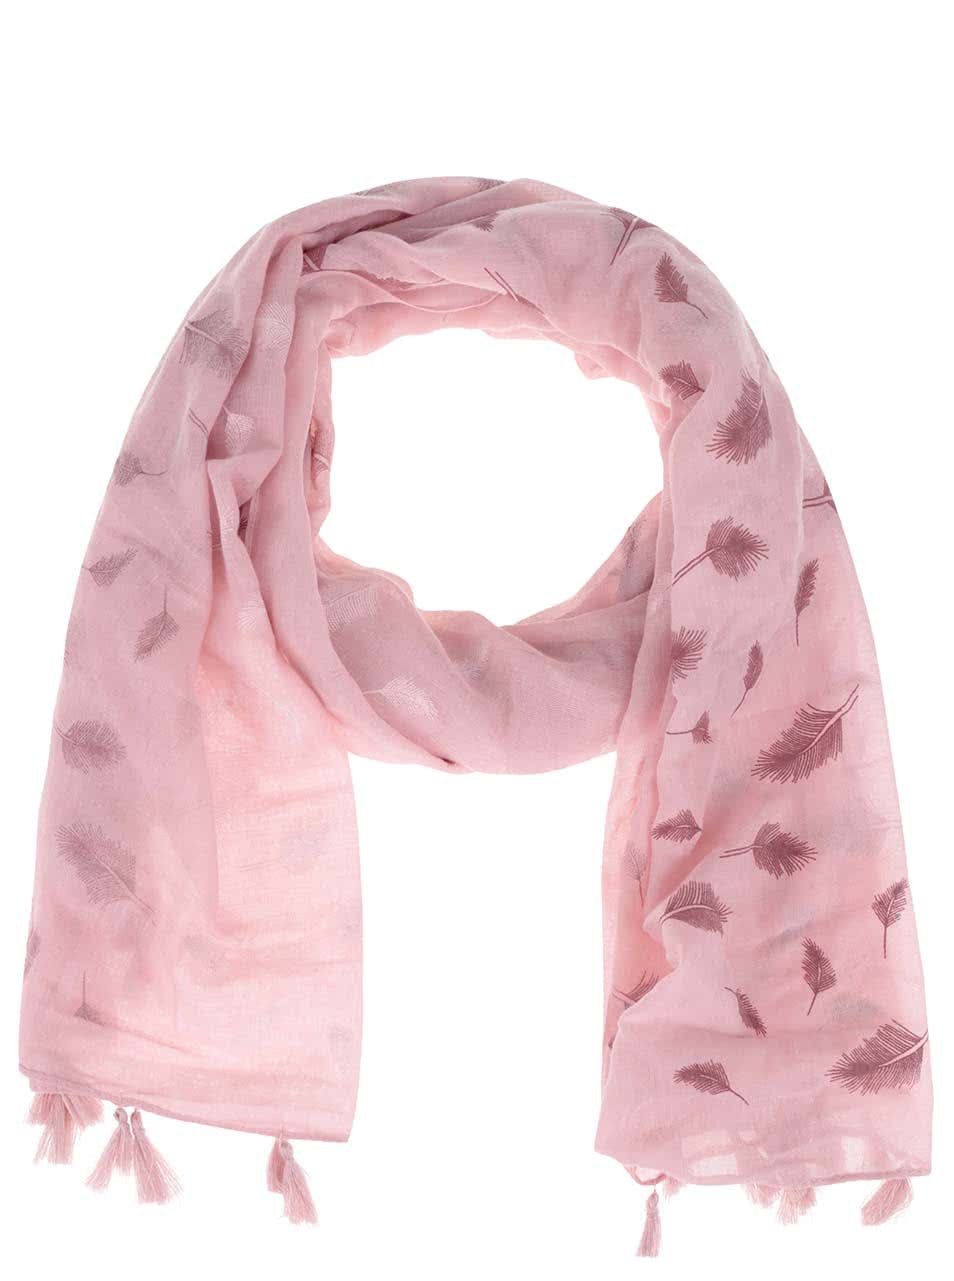 Růžový šátek s třásněmi a motivem pírek Haily´s Liliana